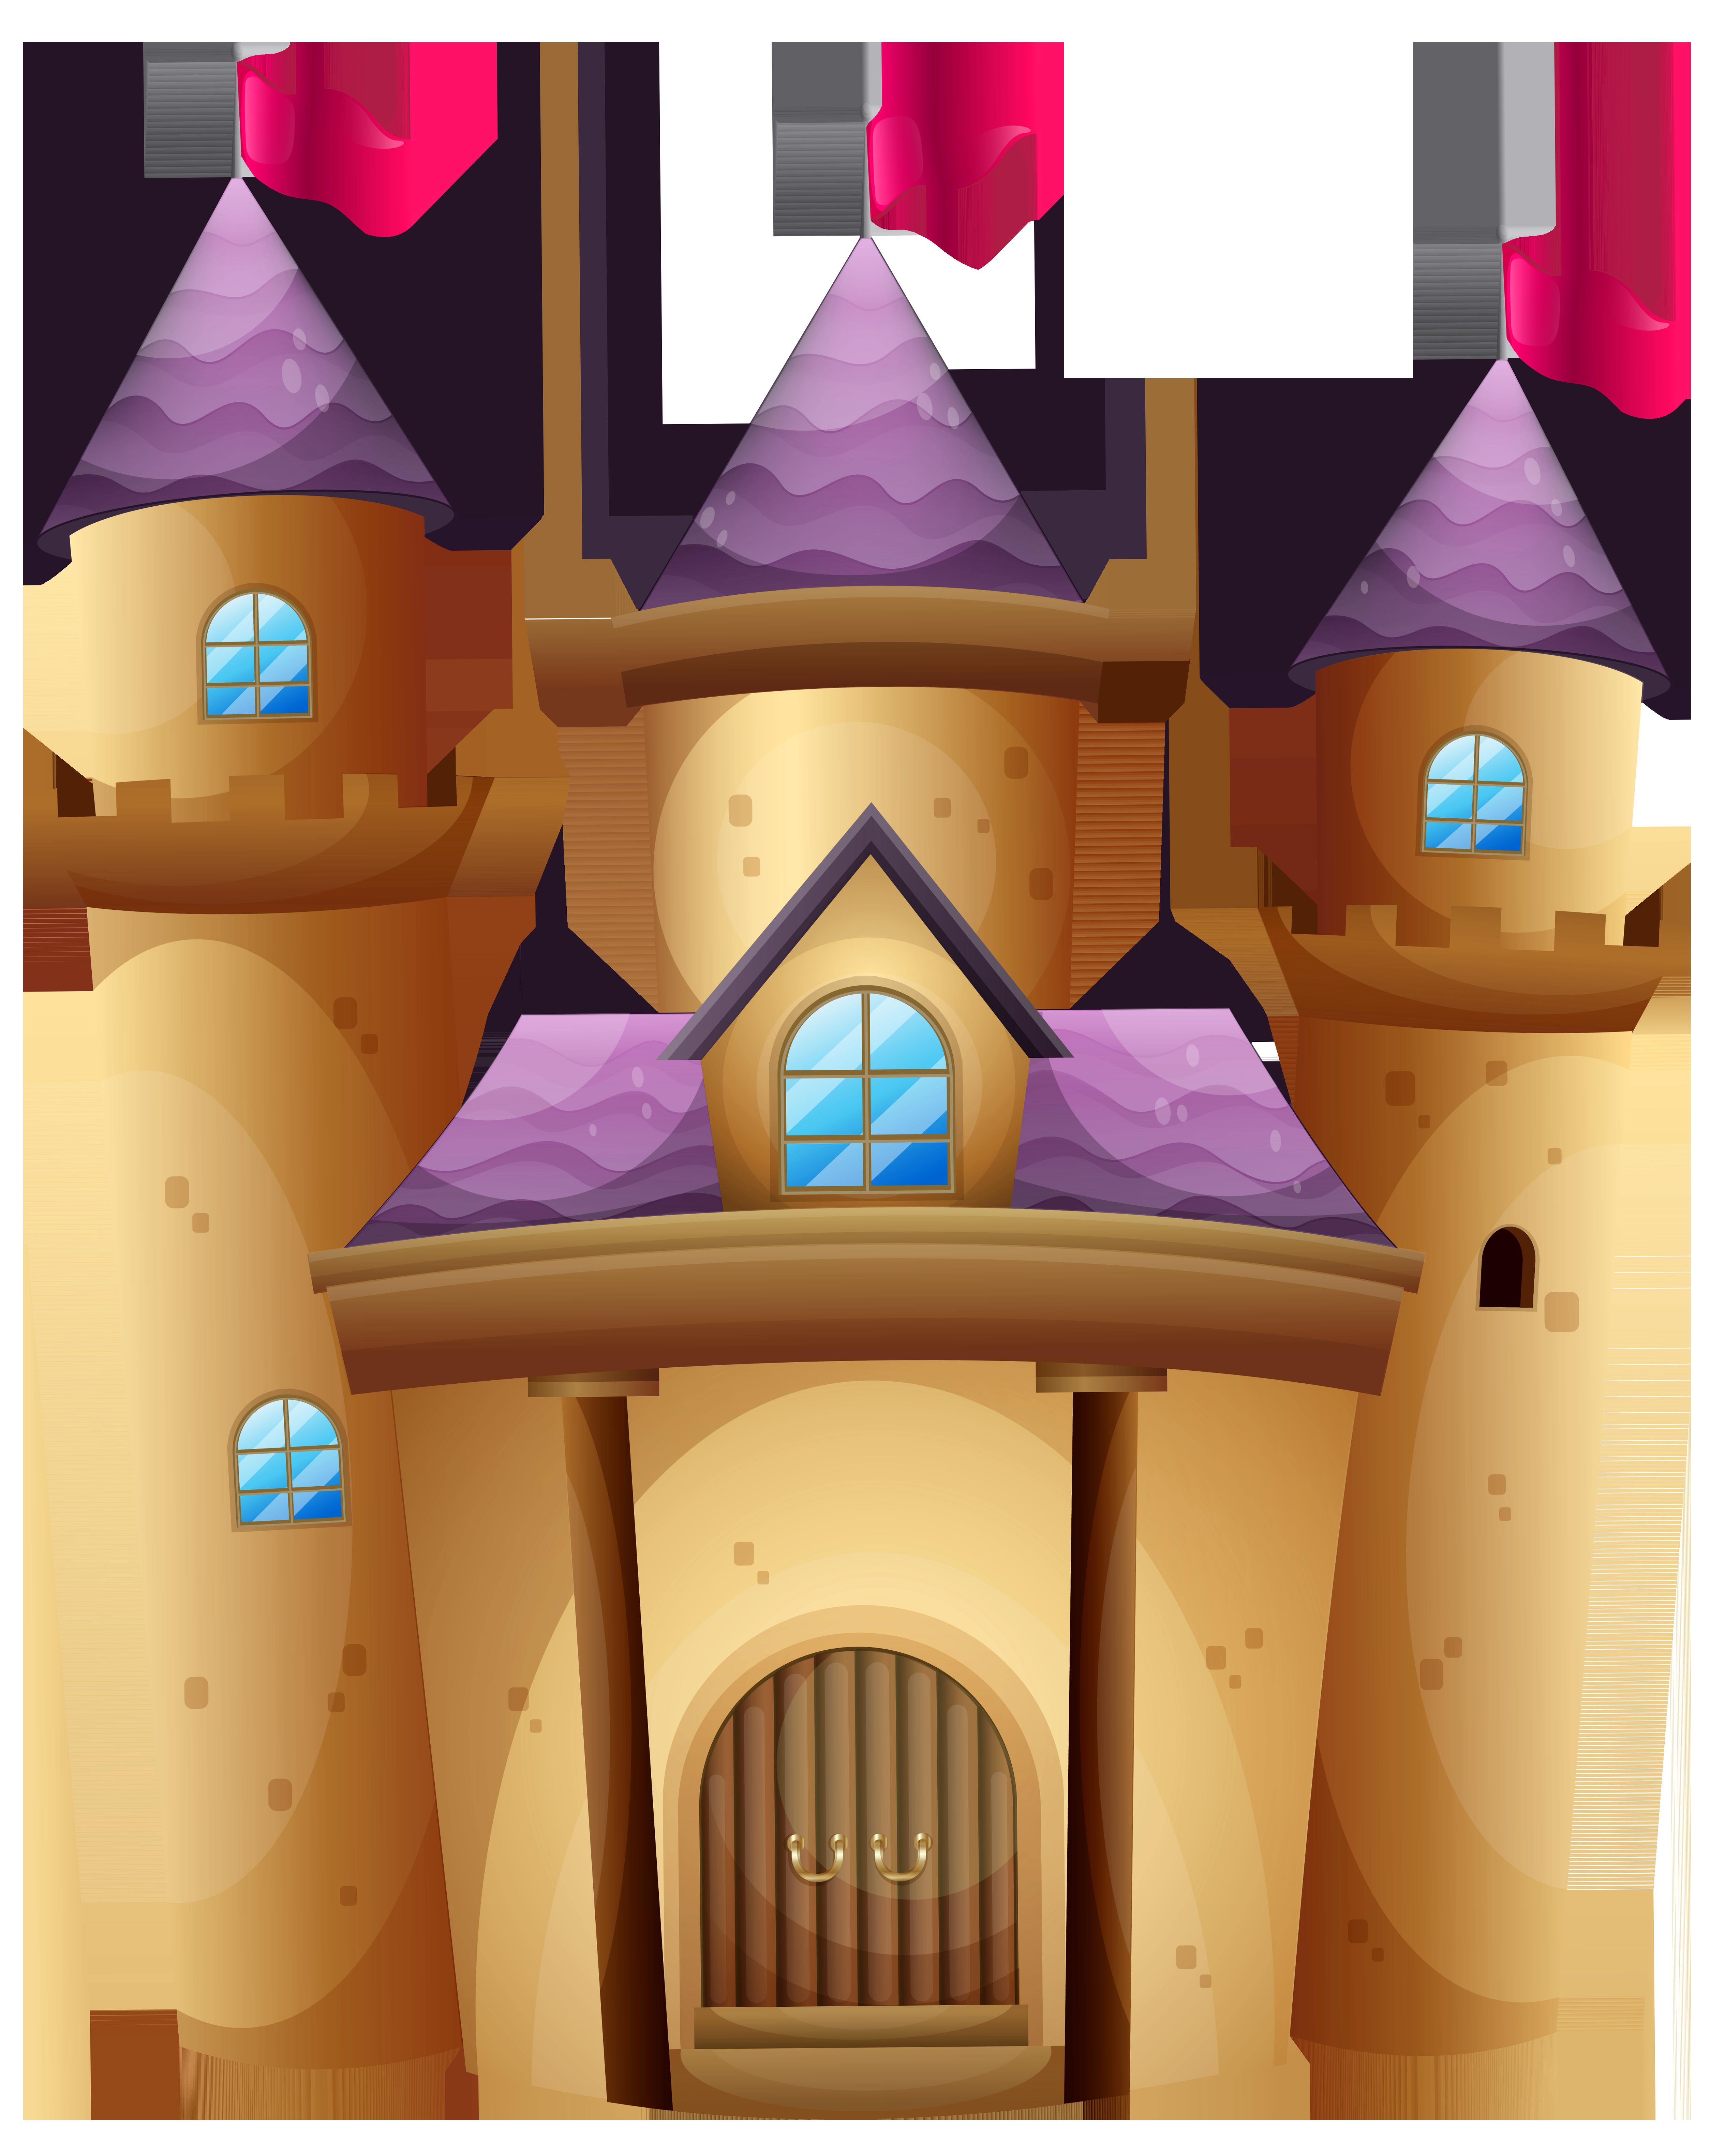 Clipart castle. Png clip art image